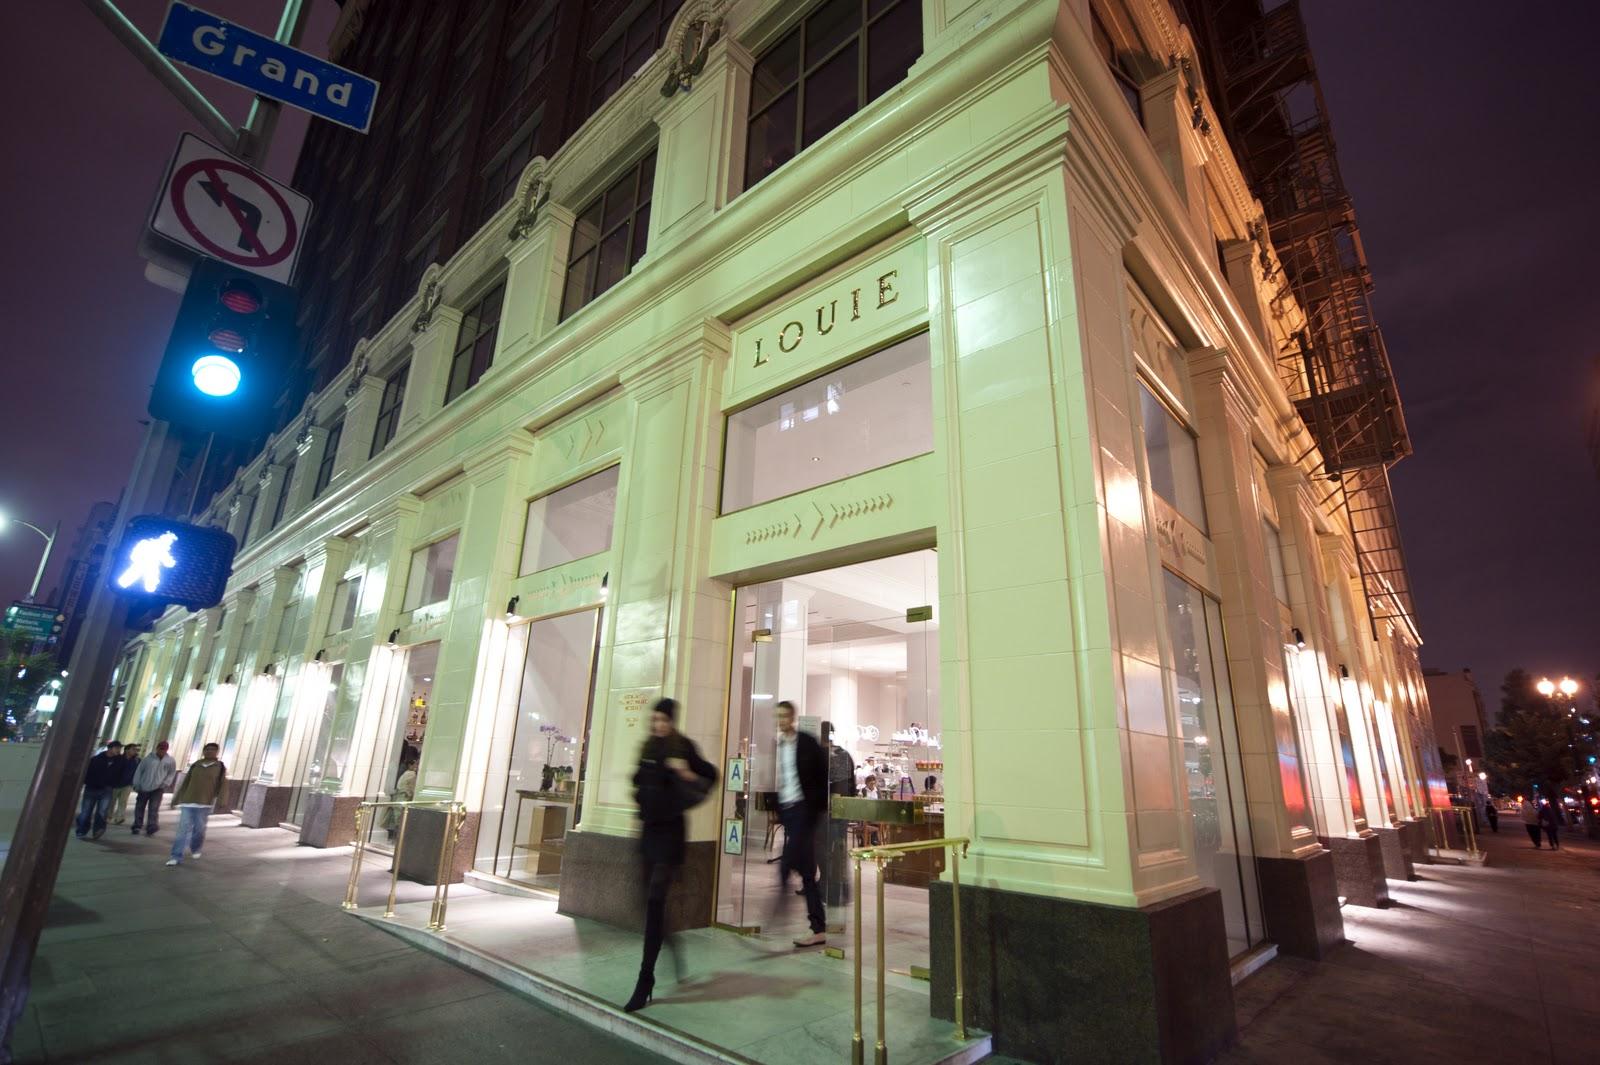 Bottega Louie Restaurant Downtown La